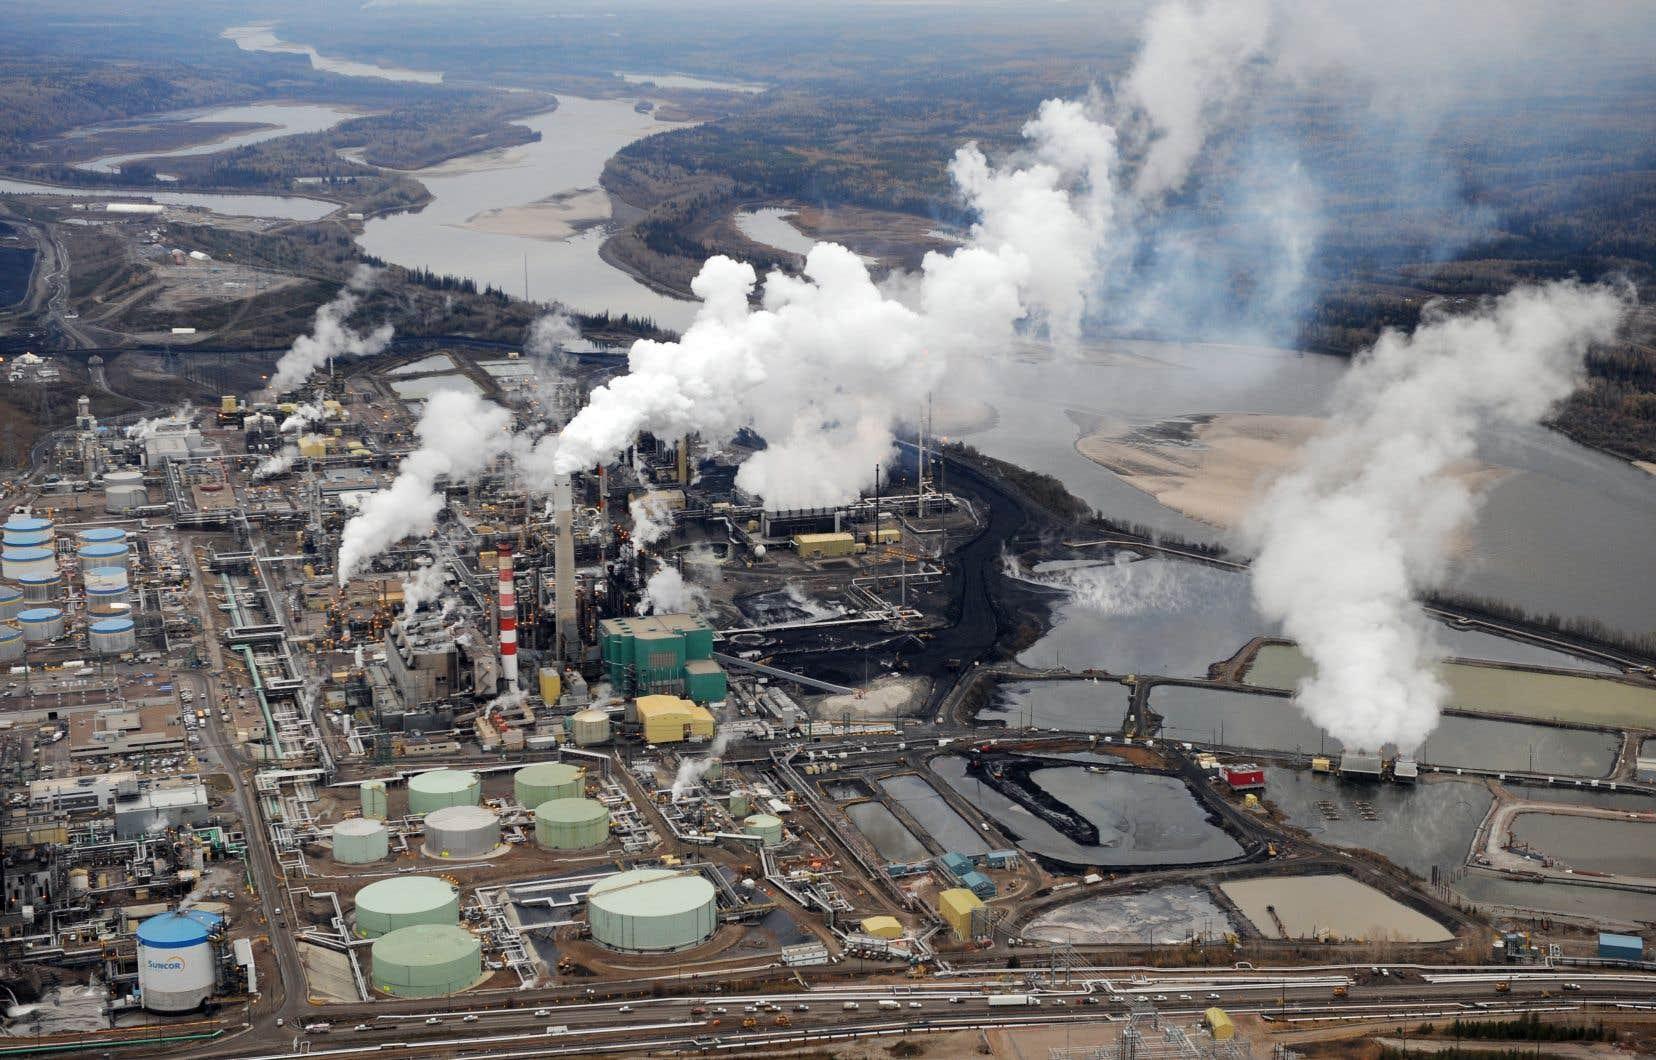 Le Canada produisait 1,7% des émissions mondiales de gaz à effet de serre, calculées en équivalent de CO2, en 2019.